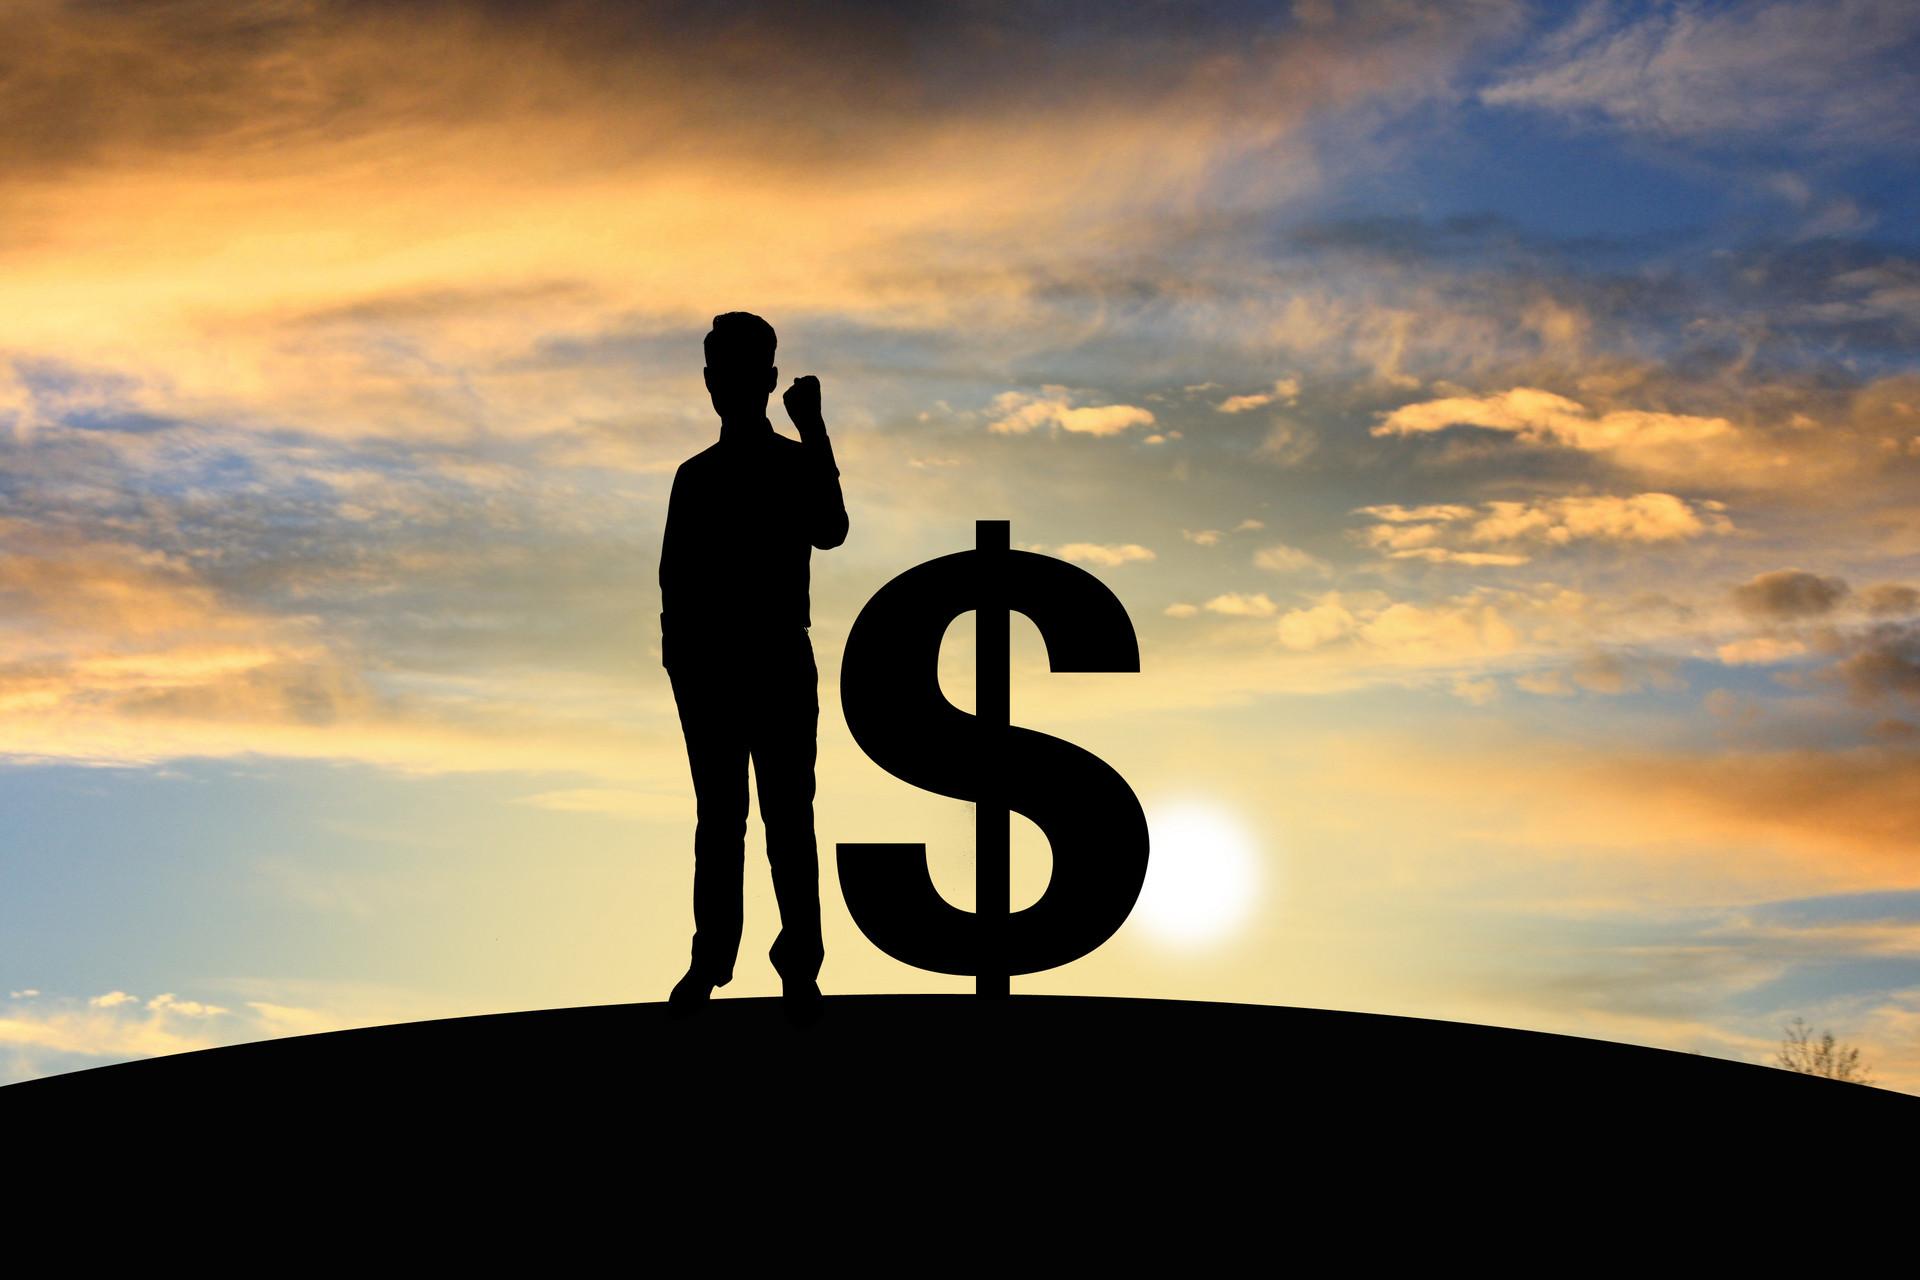 如何用短信发放工资条 企业发工资也需要与日俱进